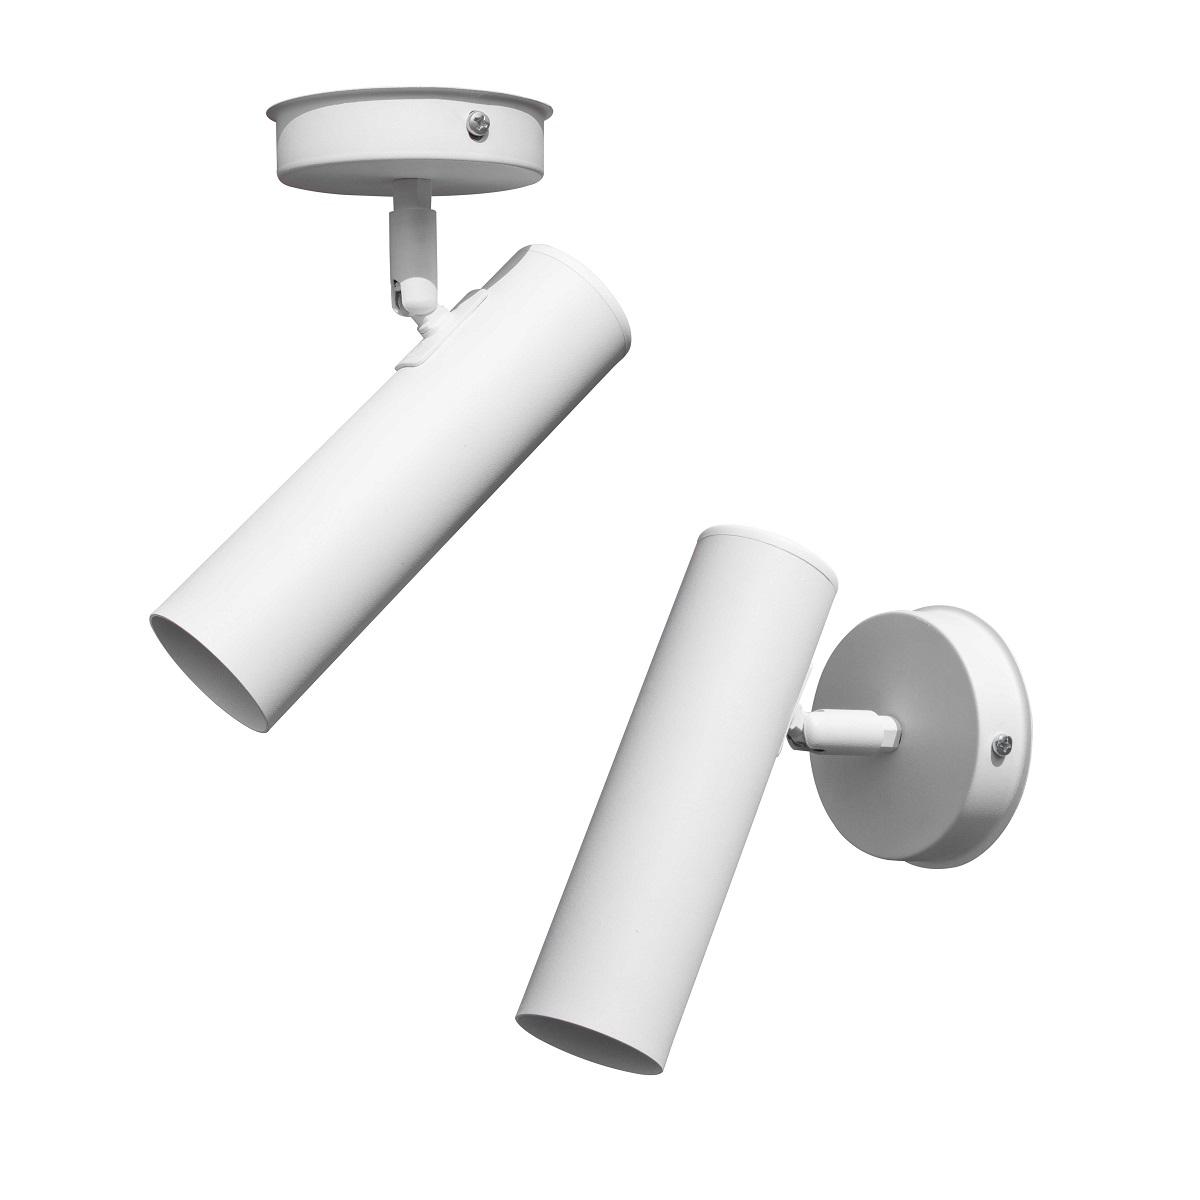 Светильники ЛОФТ - Люстра лофт потолочная с поворотным плафоном 000002803 - Фото 1